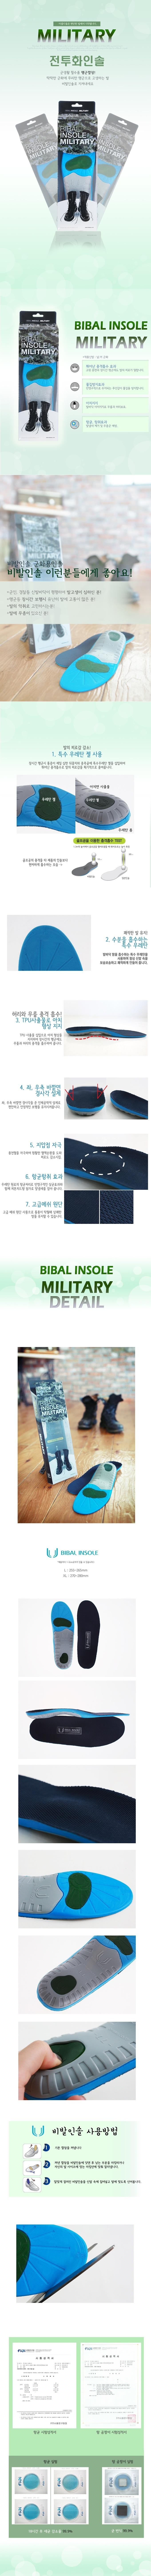 BMSS_bibal_Military.jpg